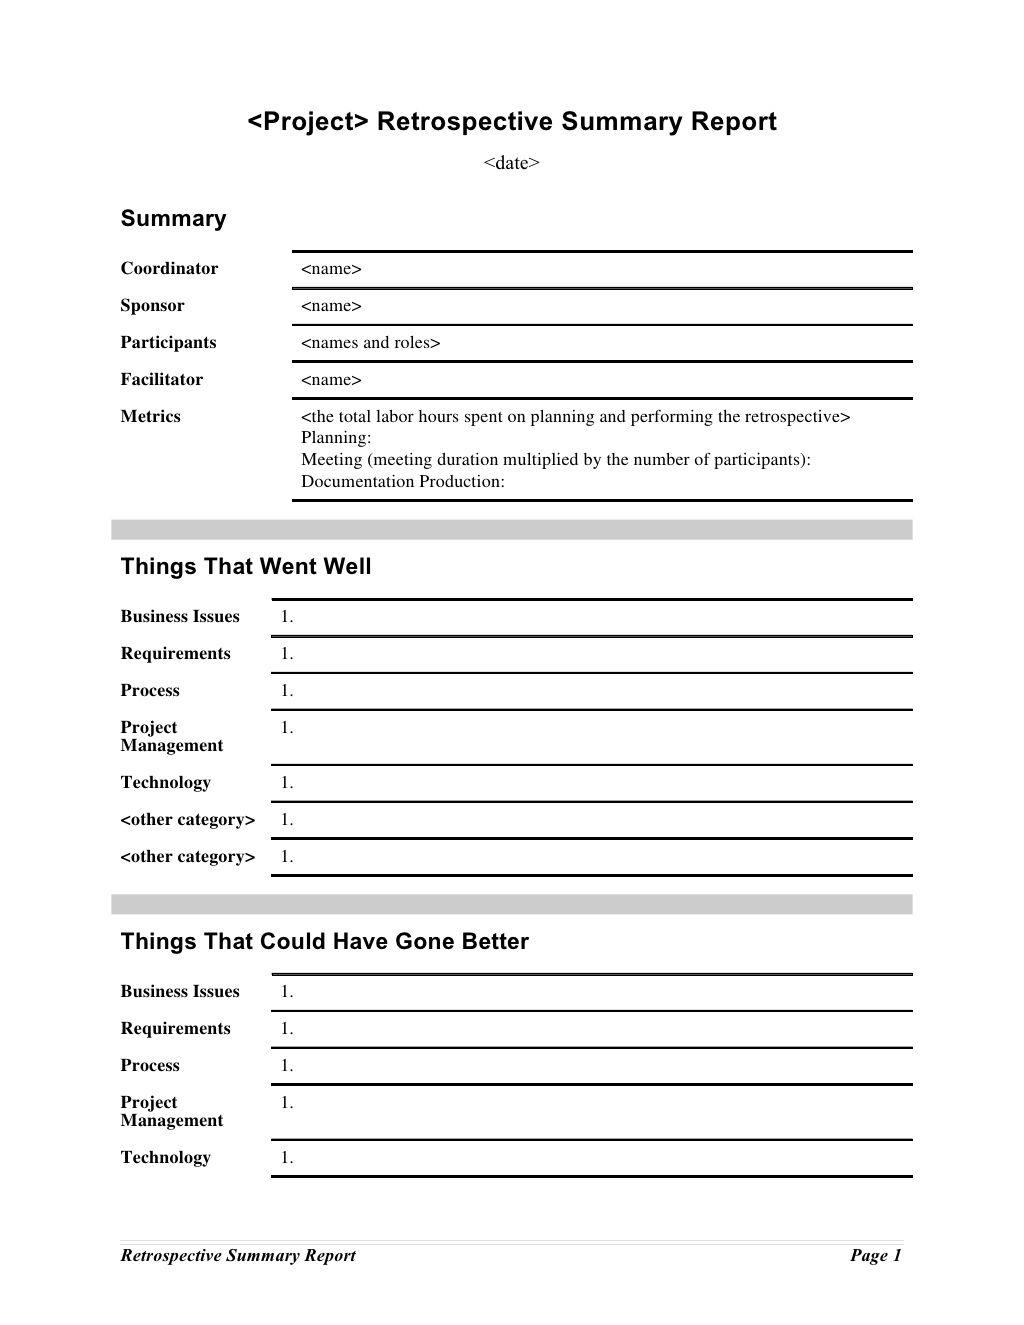 retrospective summary report summary  u2026